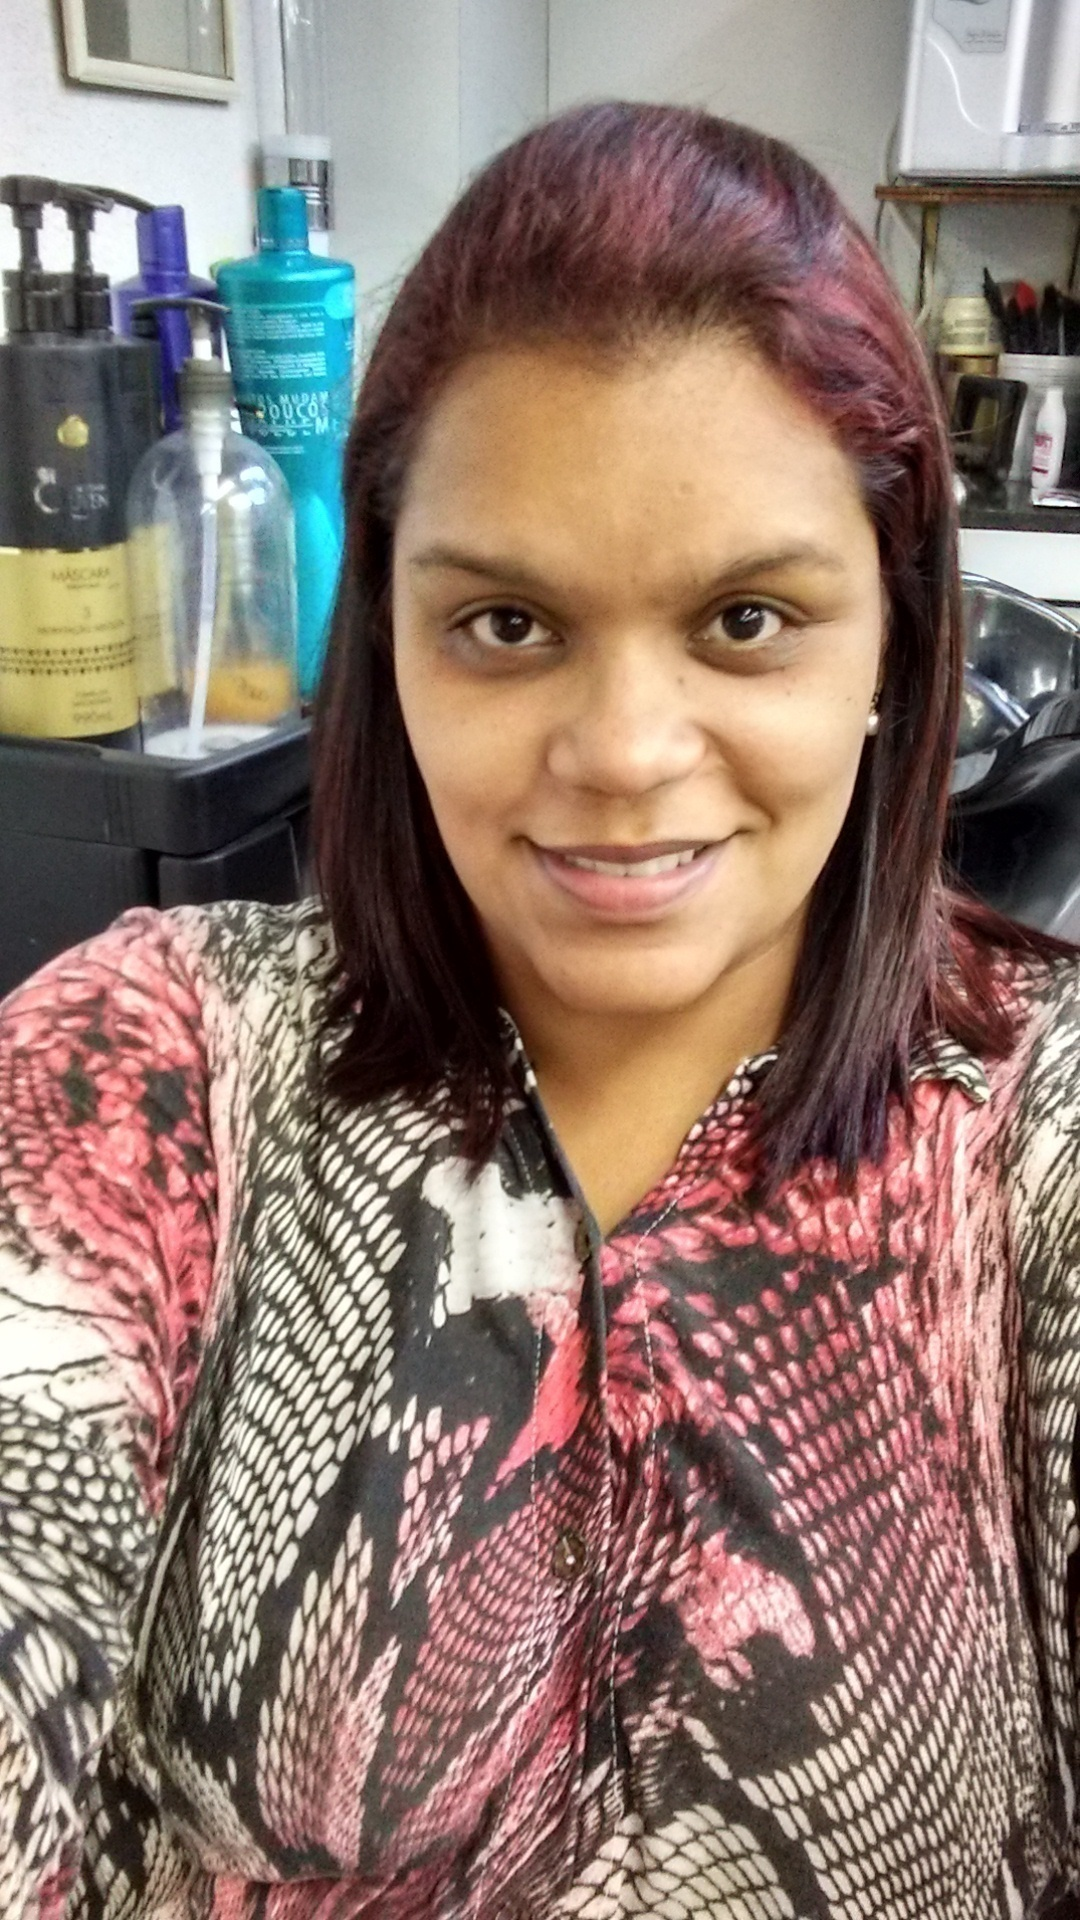 Trabalho  cabelo manicure e pedicure cabeleireiro(a)